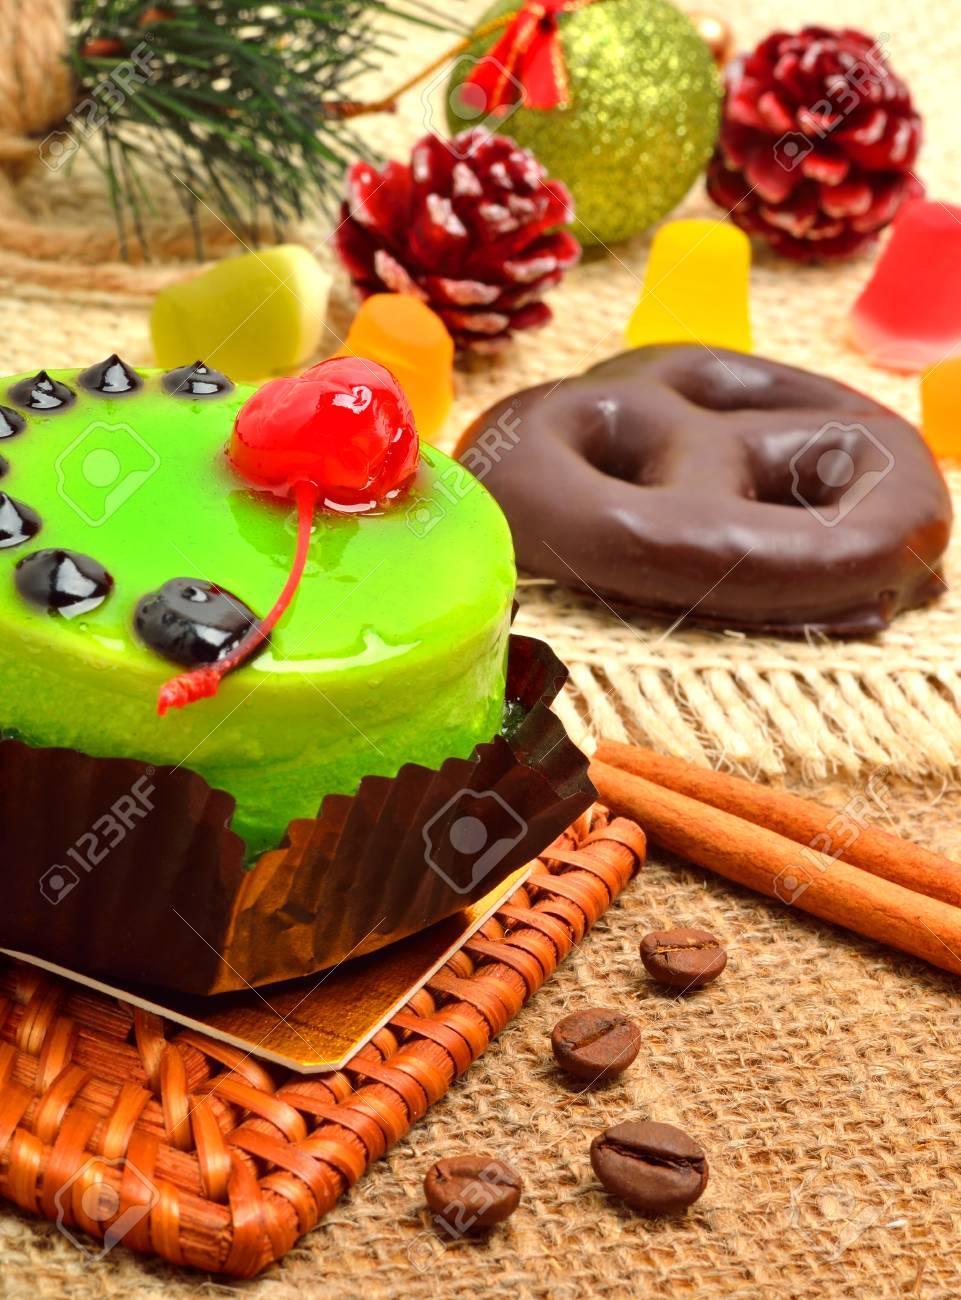 Weihnachten Leckeren Grunen Kuchen Mit Kirsche Und Zimtstangen Auf